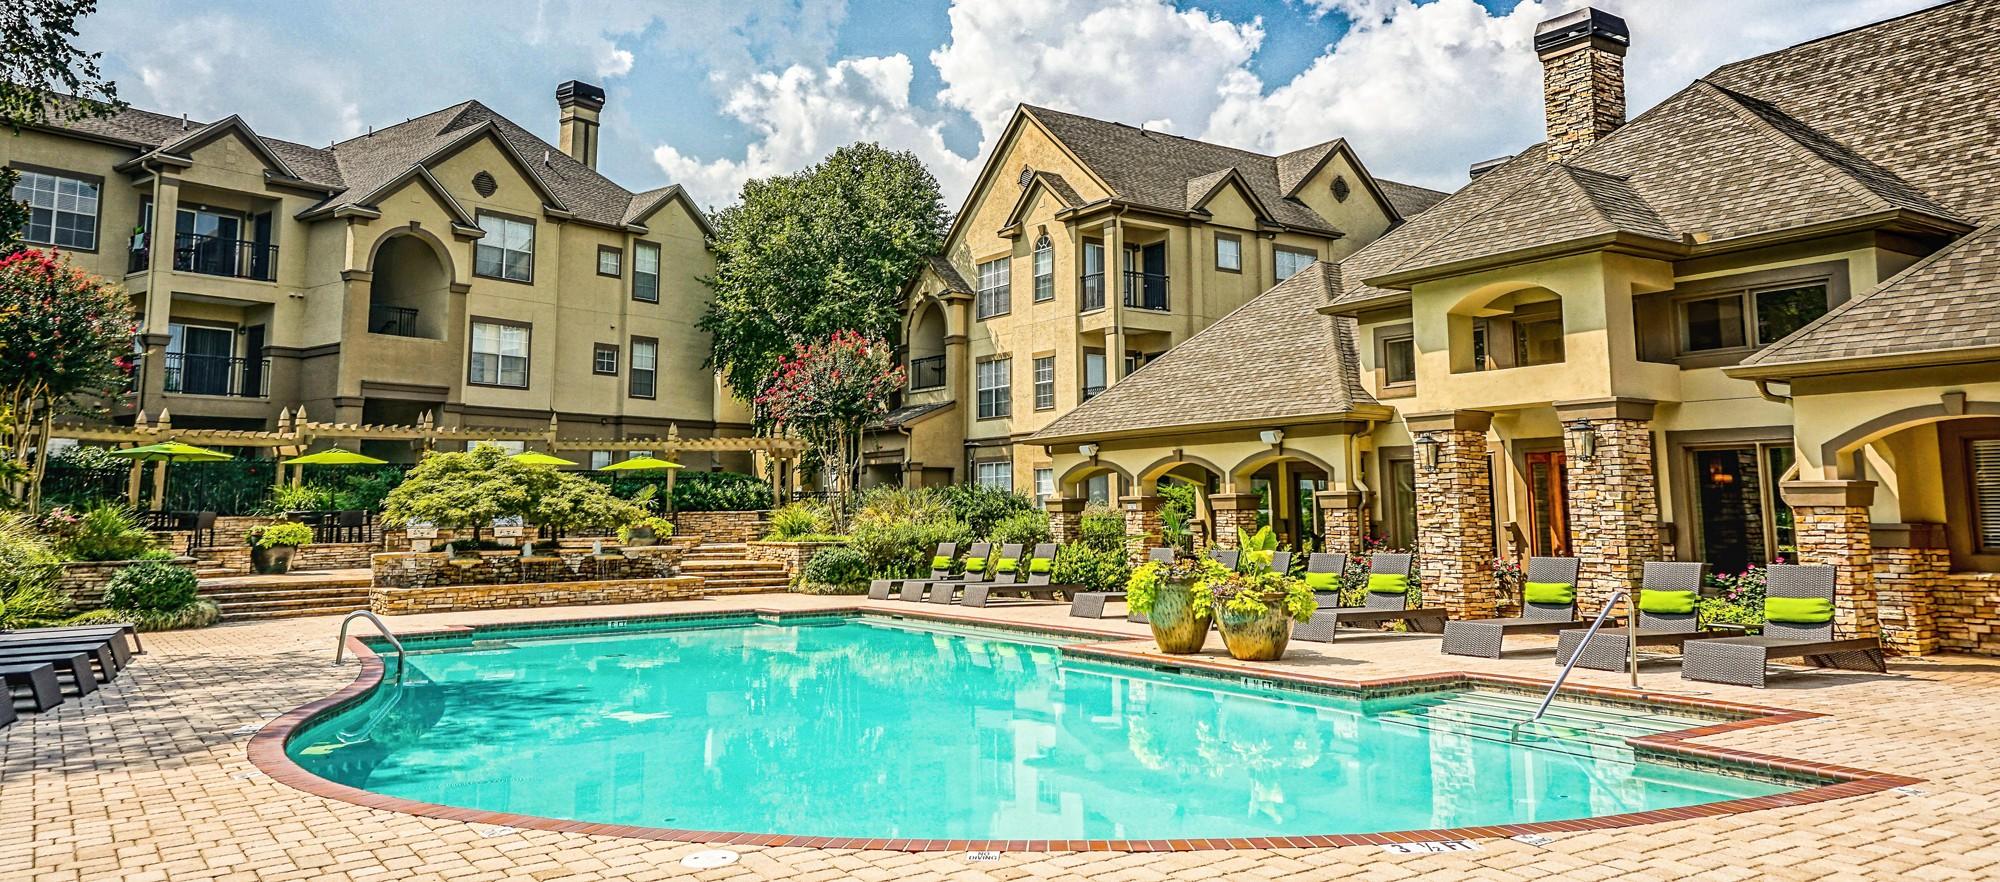 Camden dunwoody dunwoody see pics avail - 1 bedroom apartments in dunwoody ga ...